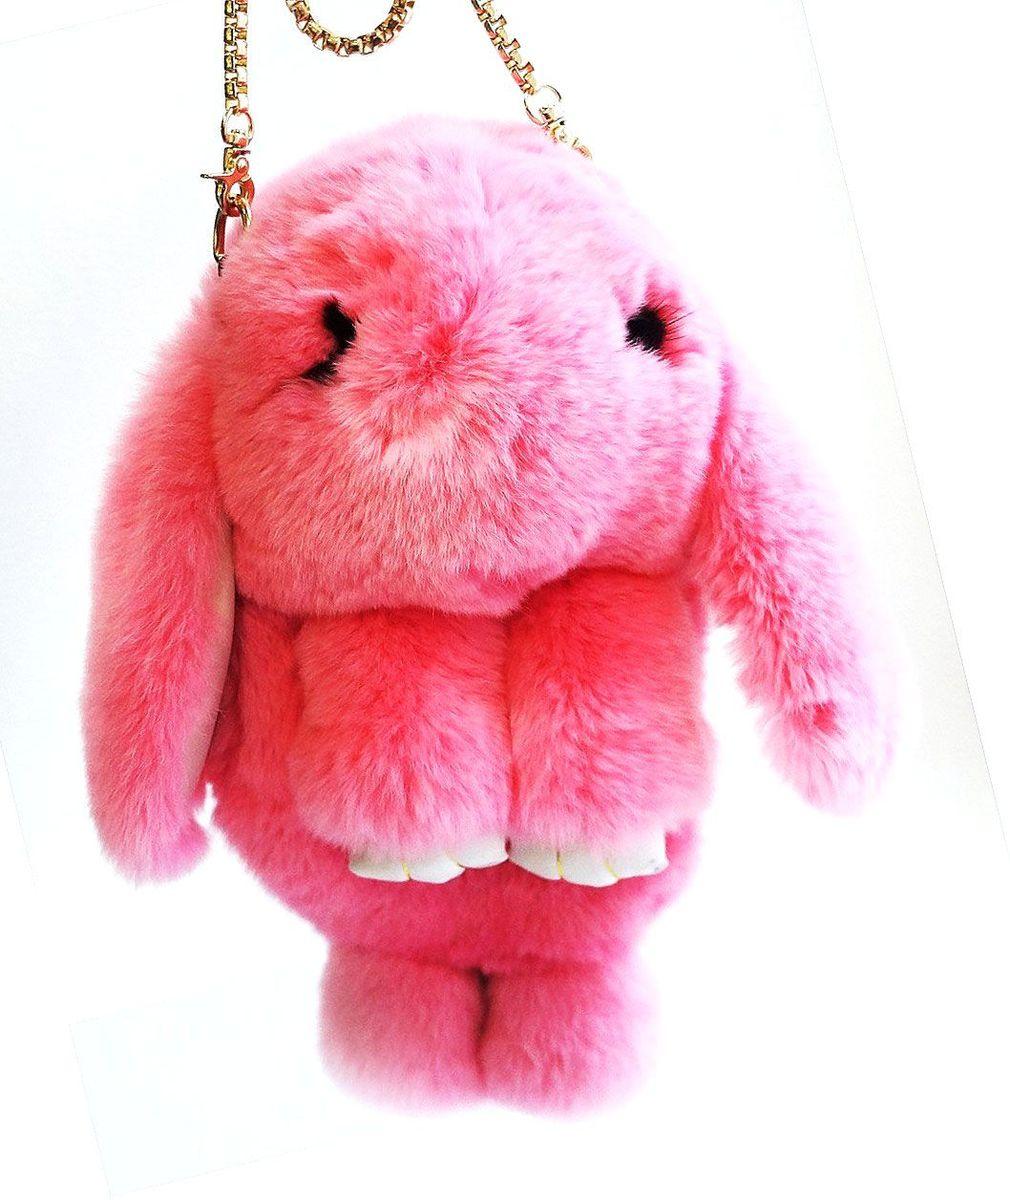 Рюкзак детский Пушистый кролик цвет розовыйРК-507Рюкзак / Сумка в виде красивого пушистого зайчика из натурального кроличьего меха является отличным способом выделиться и подчеркнуть свою индивидуальность и хороший вкус. Такую сумочку можно носить через плечо, а продев металлический ремешок через среднее кольцо-держатель, сумочка превращается в рюкзак.При прикосновении к такому аксессуару обладатель попадает в мир великолепной нежности. Очень мягкий на ощупь мех красивого цвета разнообразит современный гардероб, а также сделает образ полностью завершенным. Такой рюкзак не оставит обладателя равнодушным и без пристального внимания со стороны окружающих!Лапки кролика и обратная сторона ушек сделаны из эко-кожи, а так же лапки кролика сшиты качественной нитью.Такая пушистая сумочка идеально подойдет в качестве подарка как маленькой девочке, юной моднице, так и взрослой женщине.